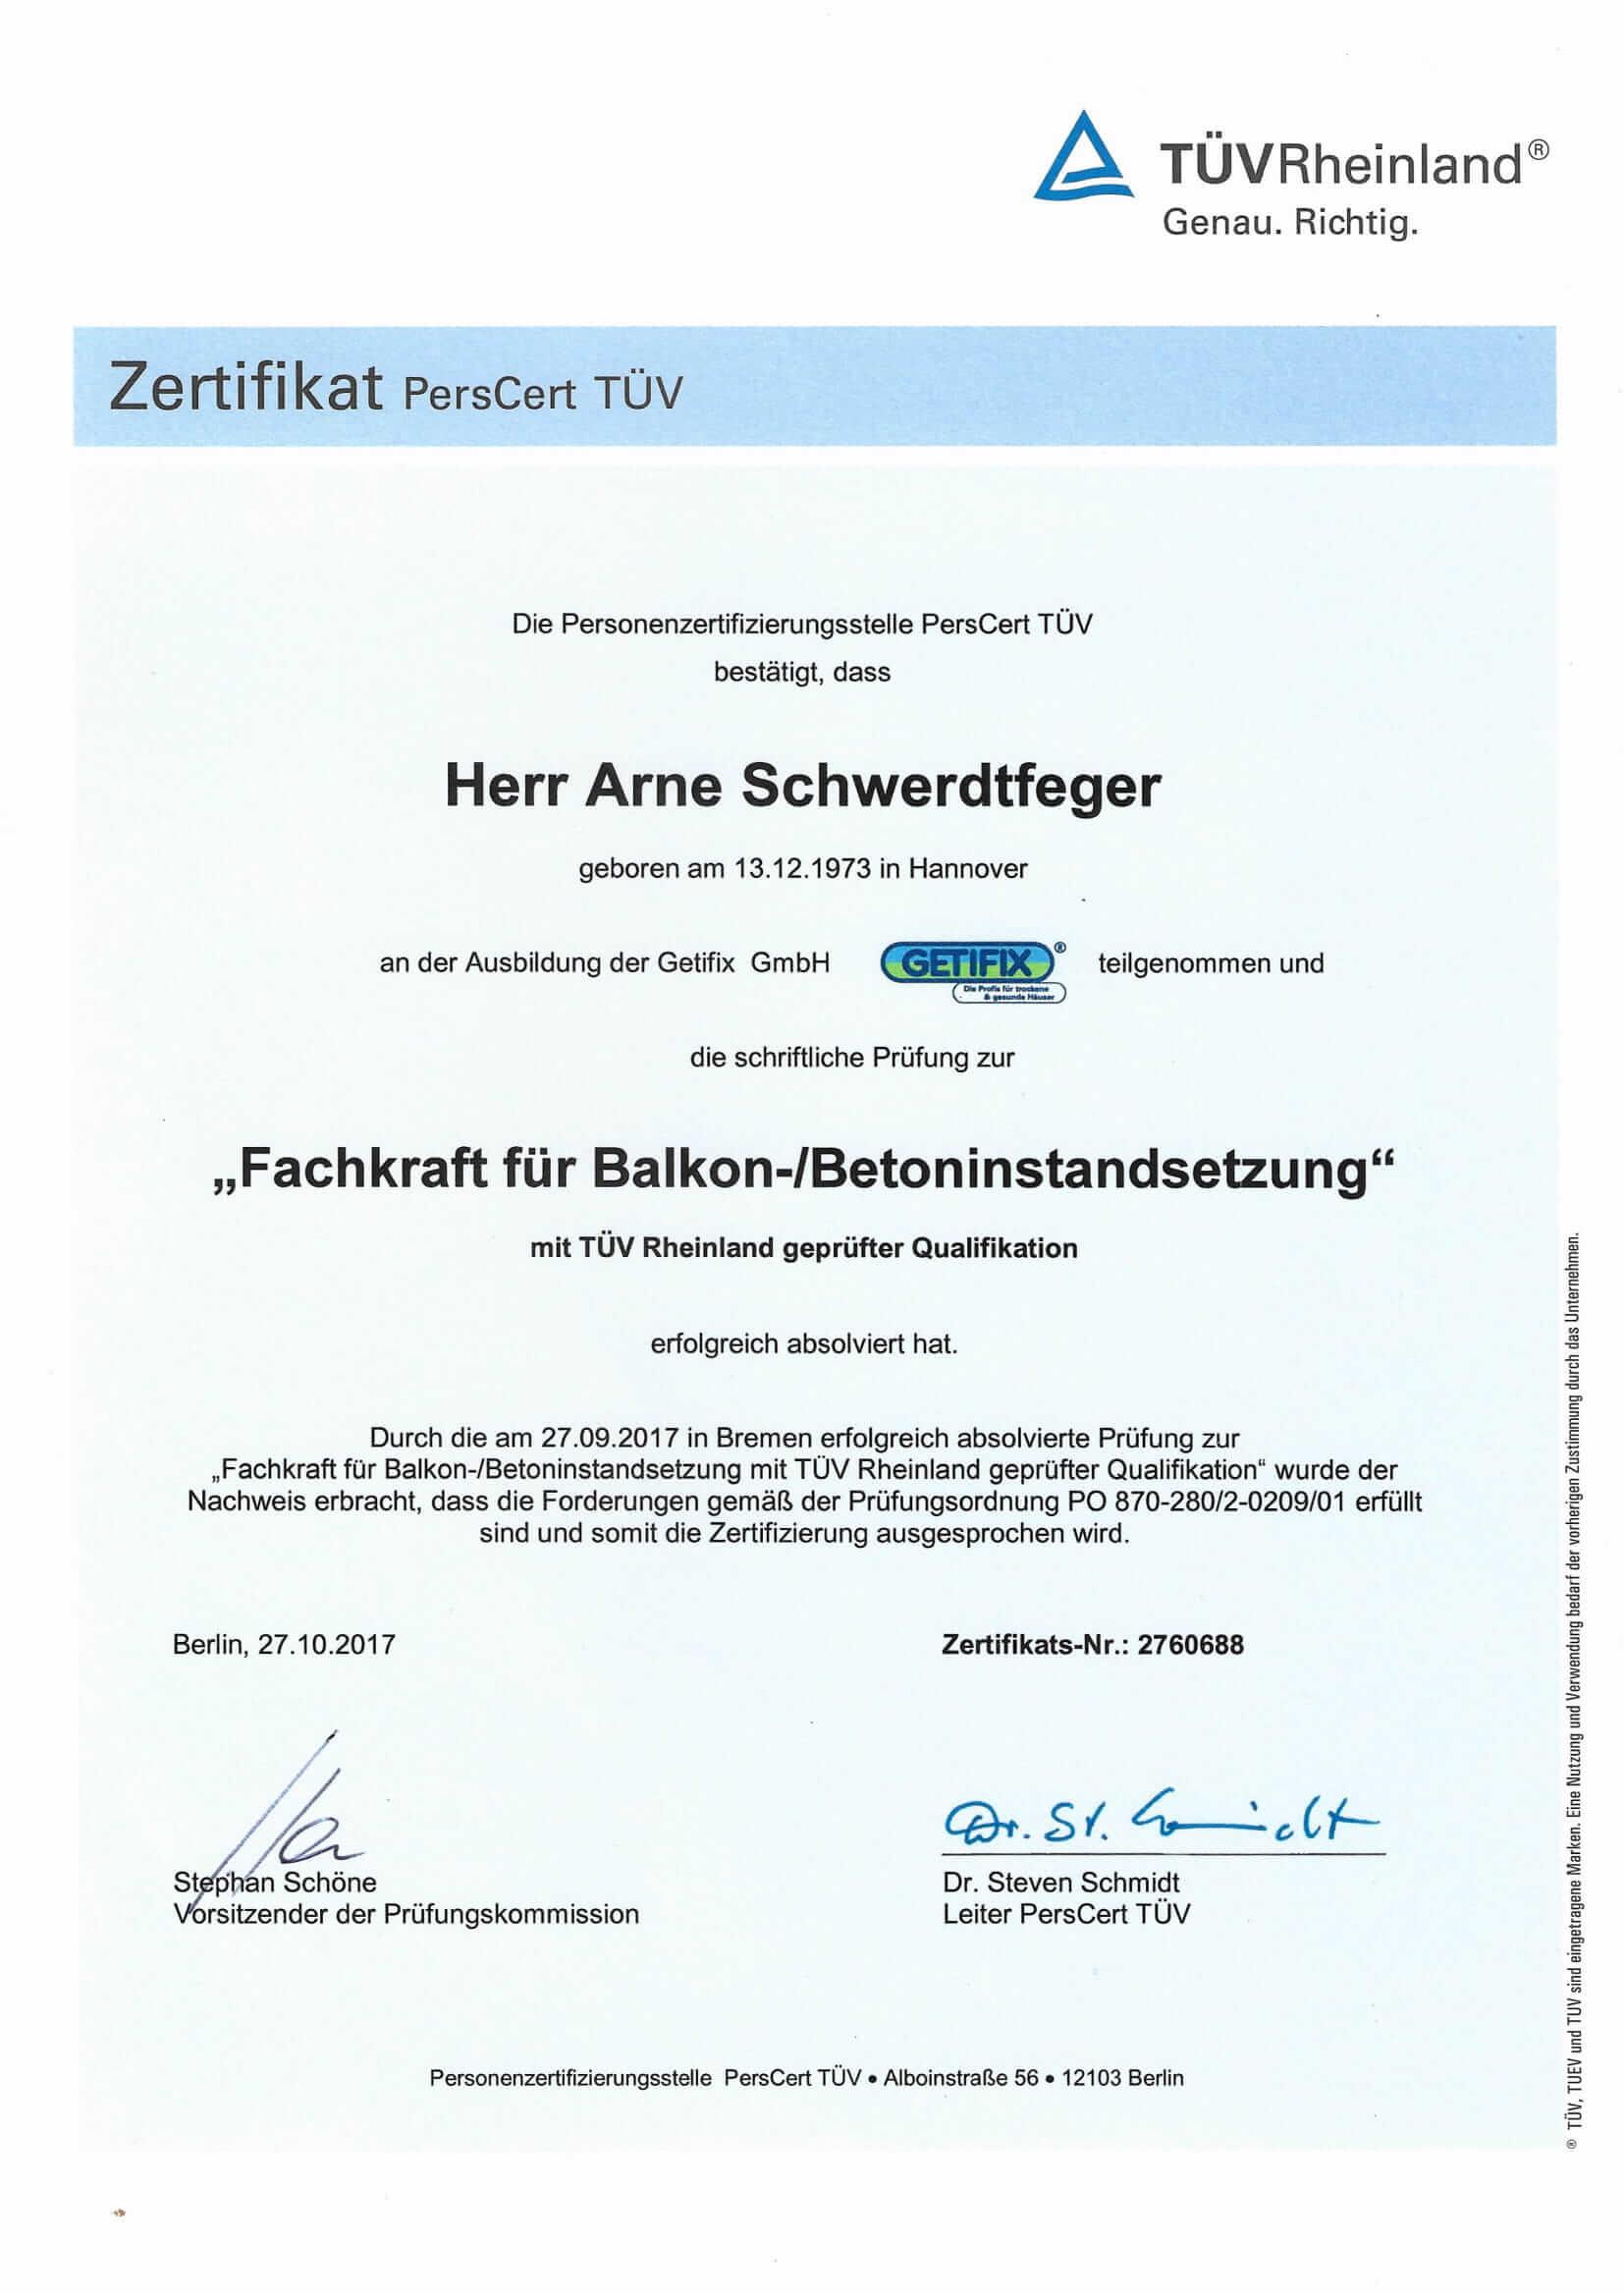 Fachkraft für Balkon-/Betoninstandsetzung Zertifikat